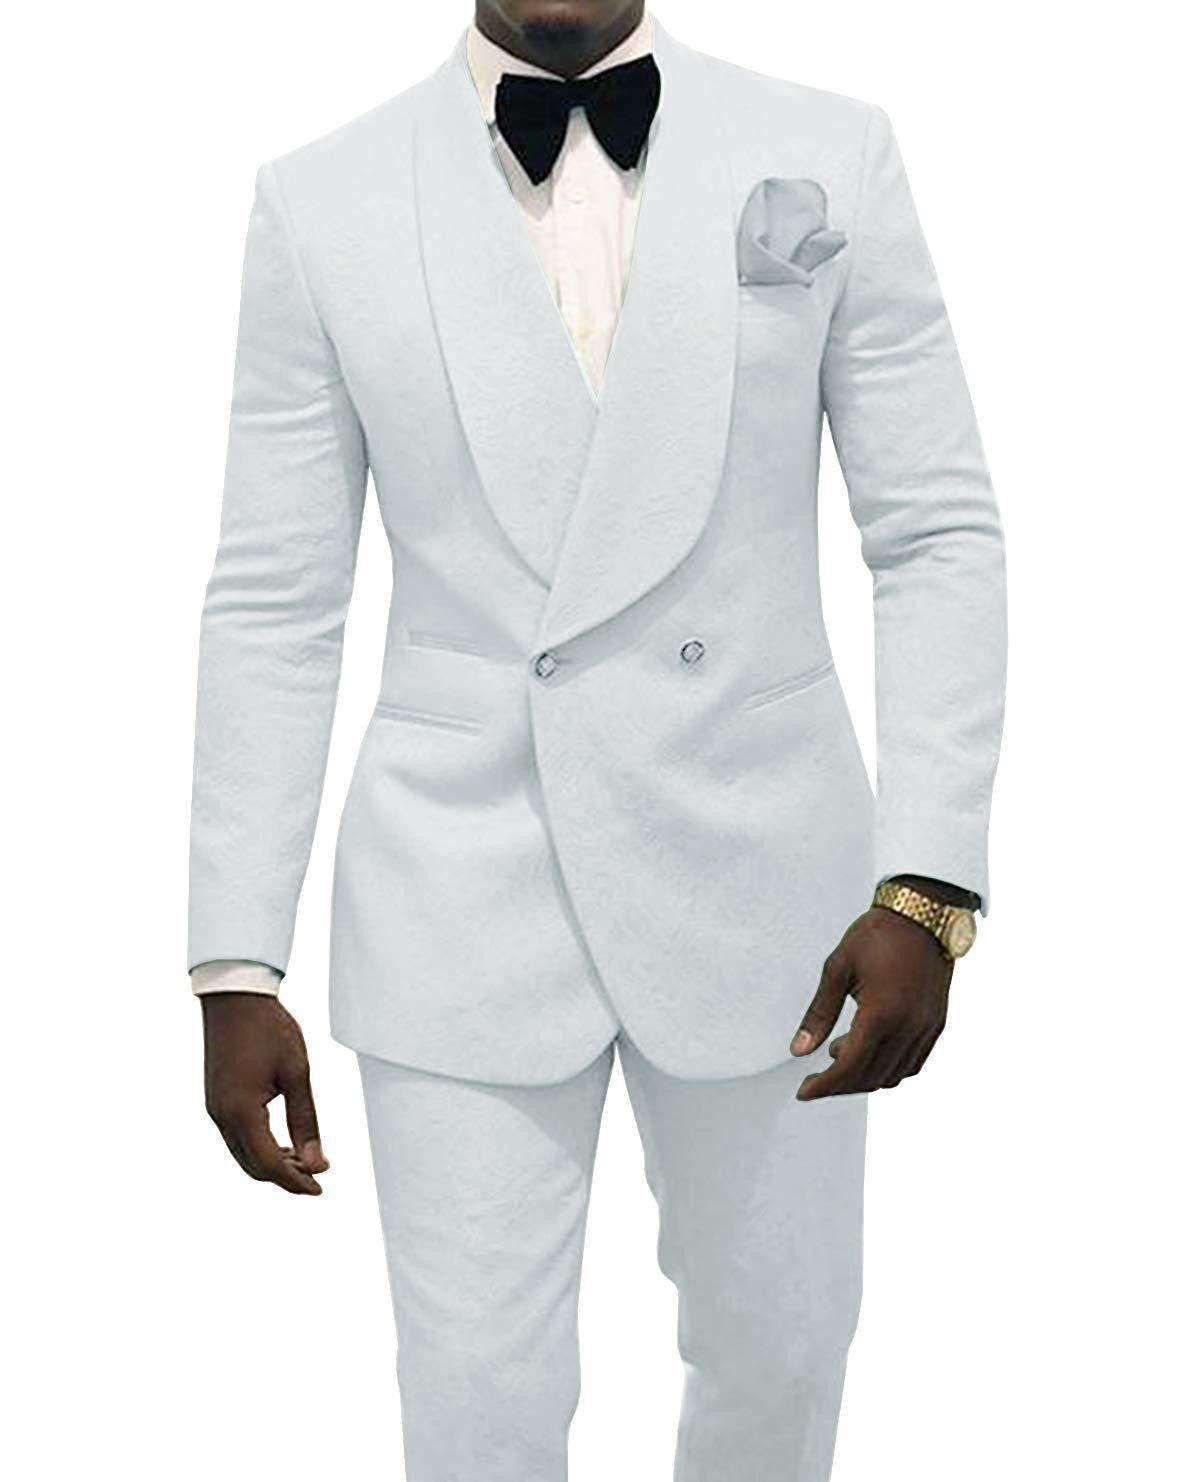 Zweireihiger Paisley Mann Arbeit Anzug Bräutigam Smoking Weddiing Blazer Herren Partei Anzüge (Jacket + Pants + Fliege) D: 370